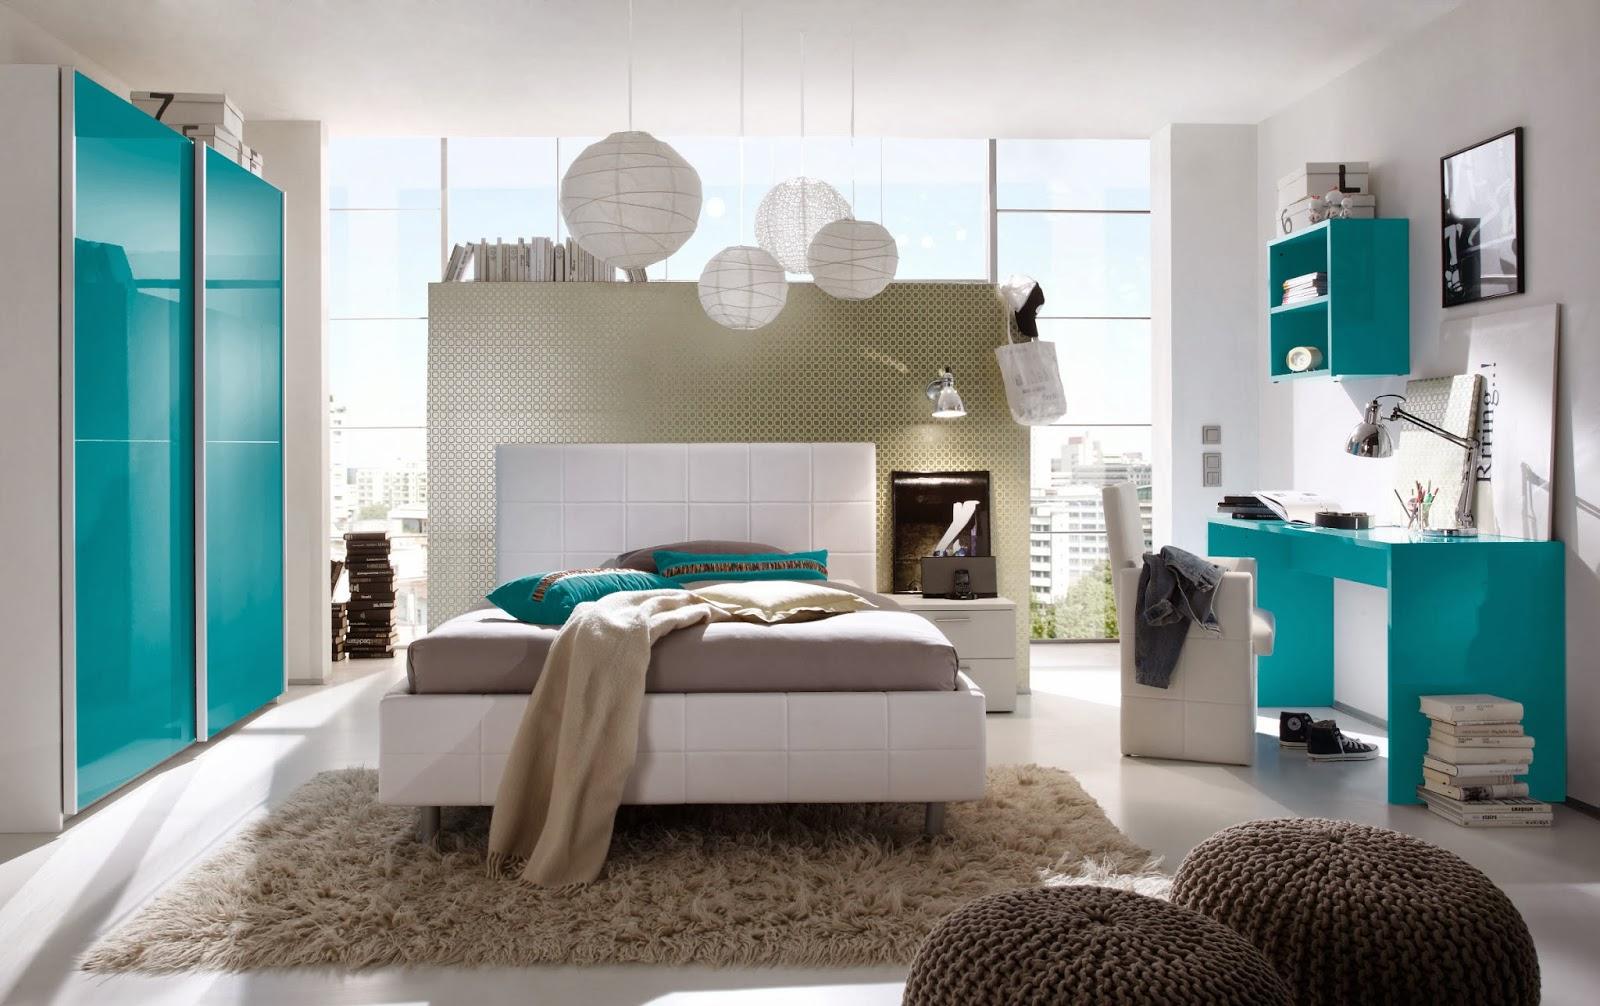 Dormitorios en gris y turquesa dormitorios colores y estilos for Dormitorio gris